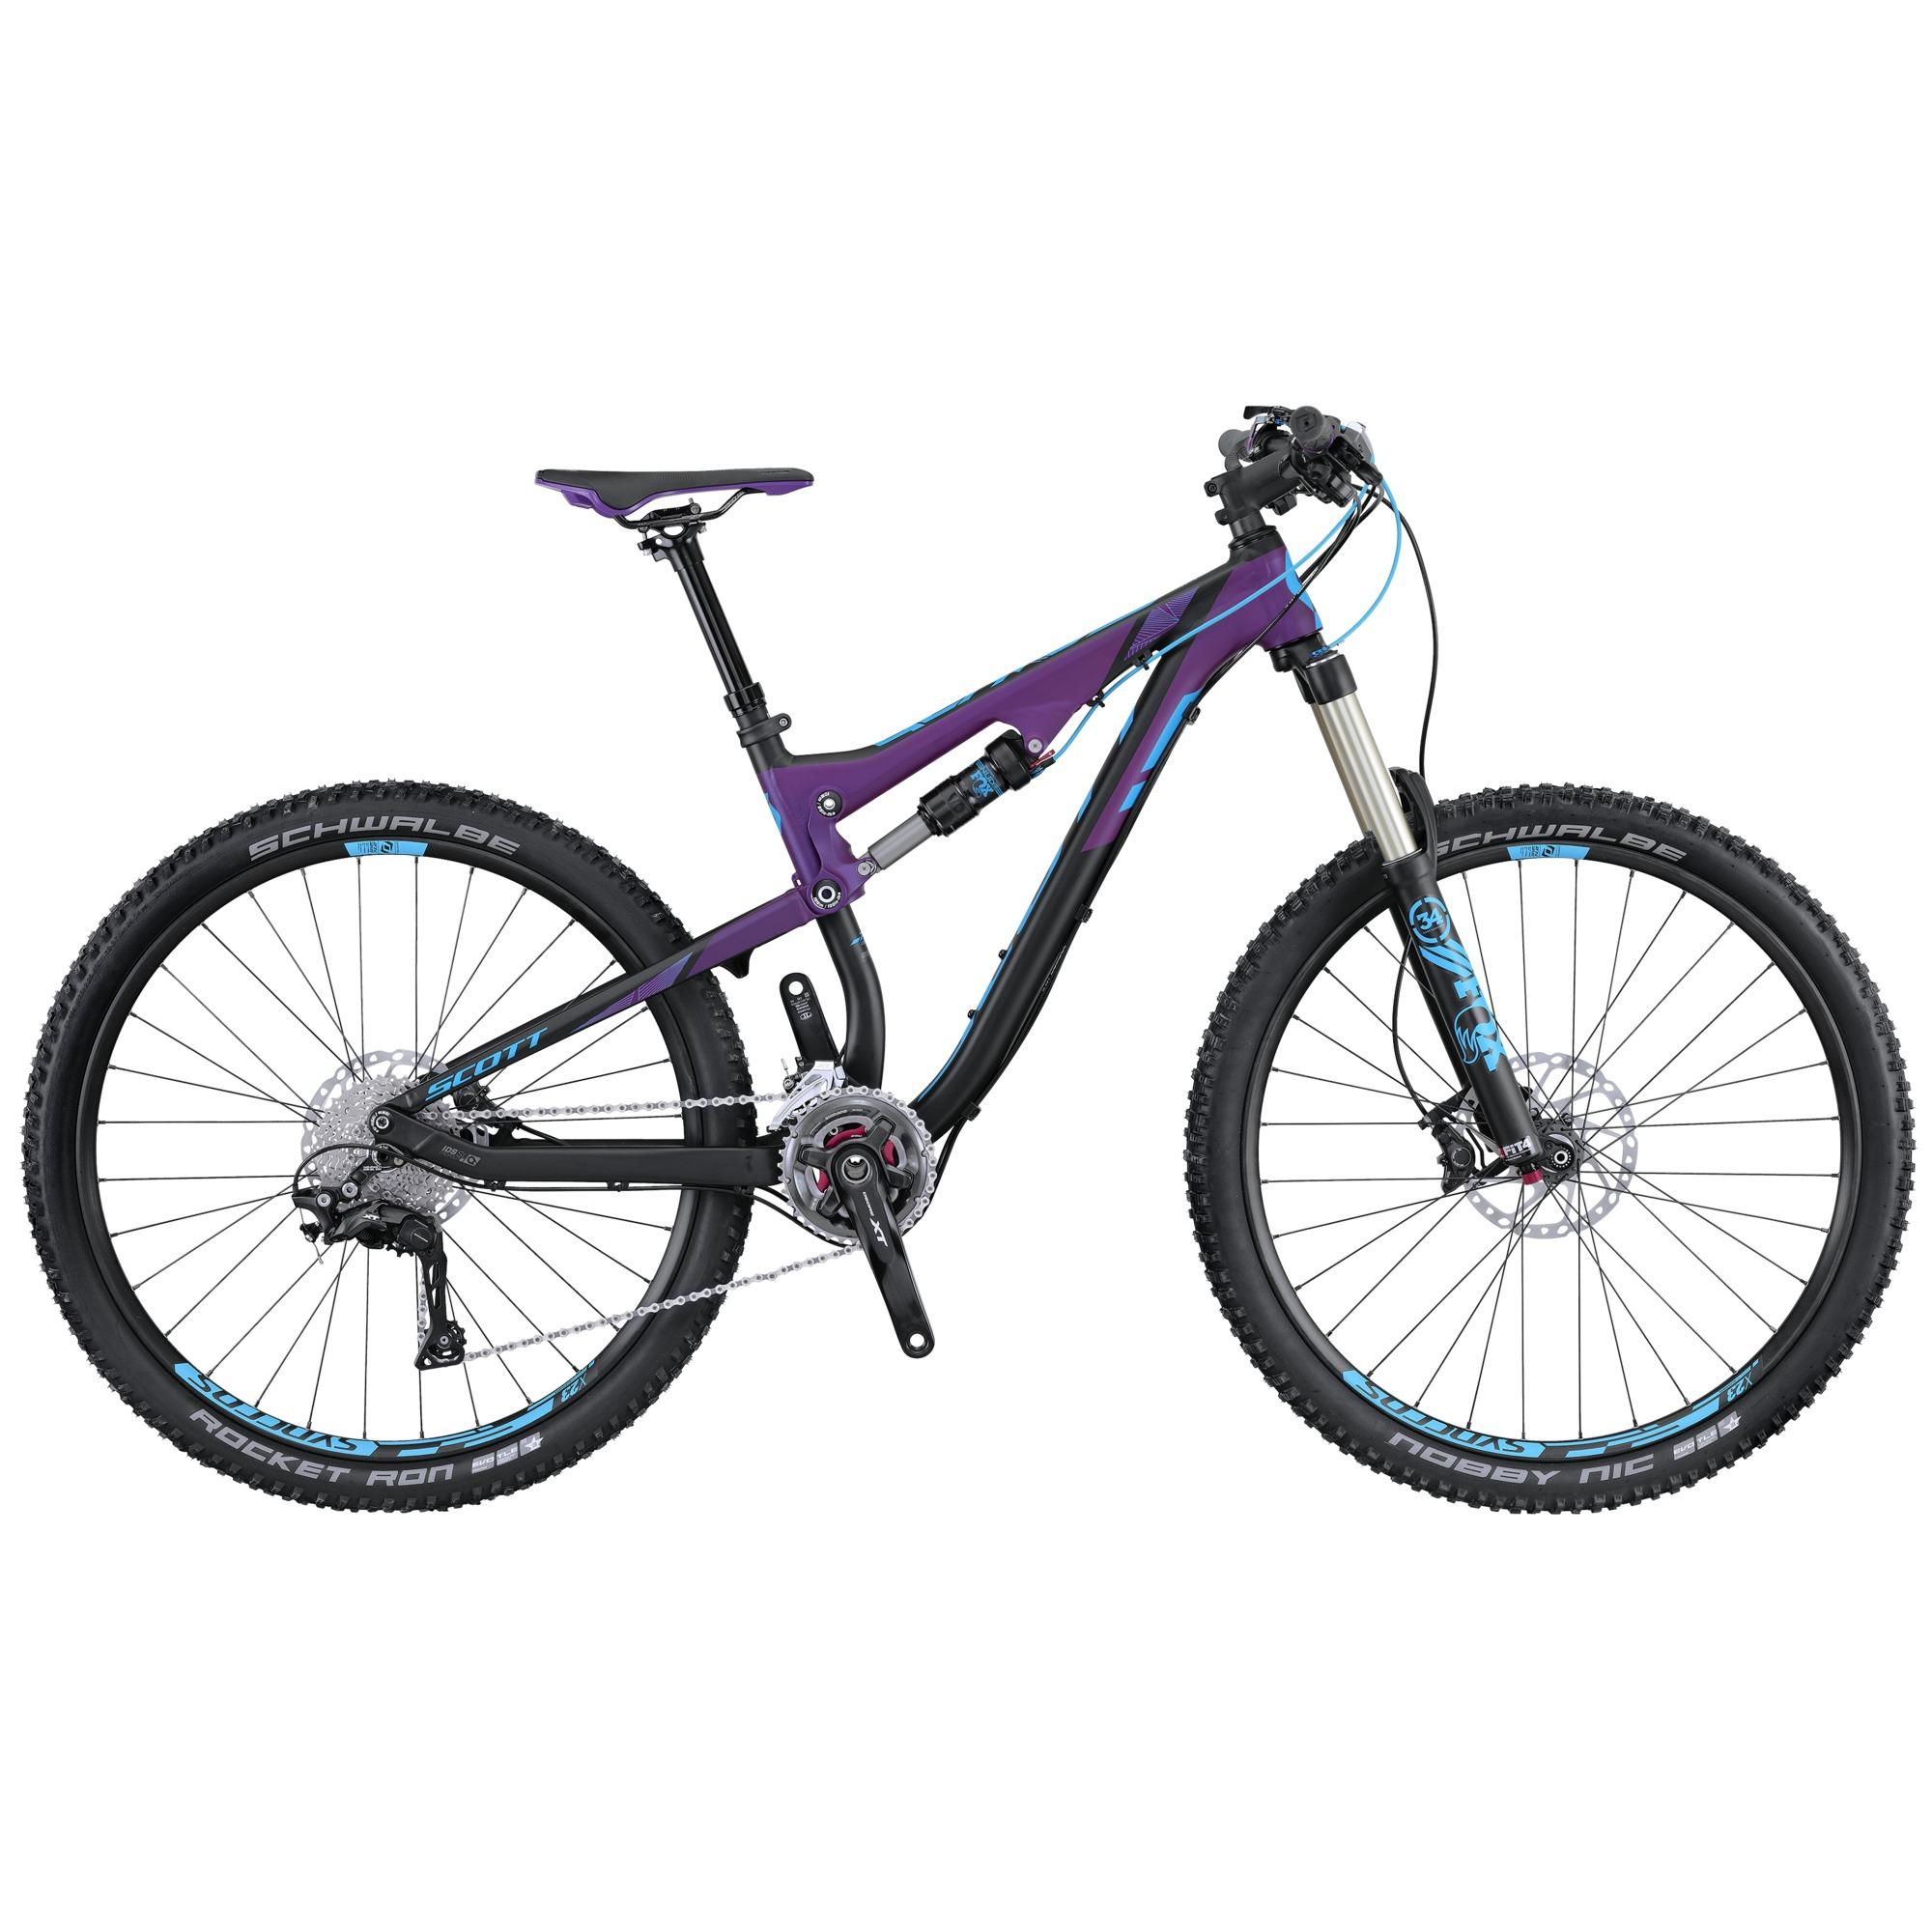 Scott Contessa Genius 710 (2016)  велосипед scott contessa genius 710 2015